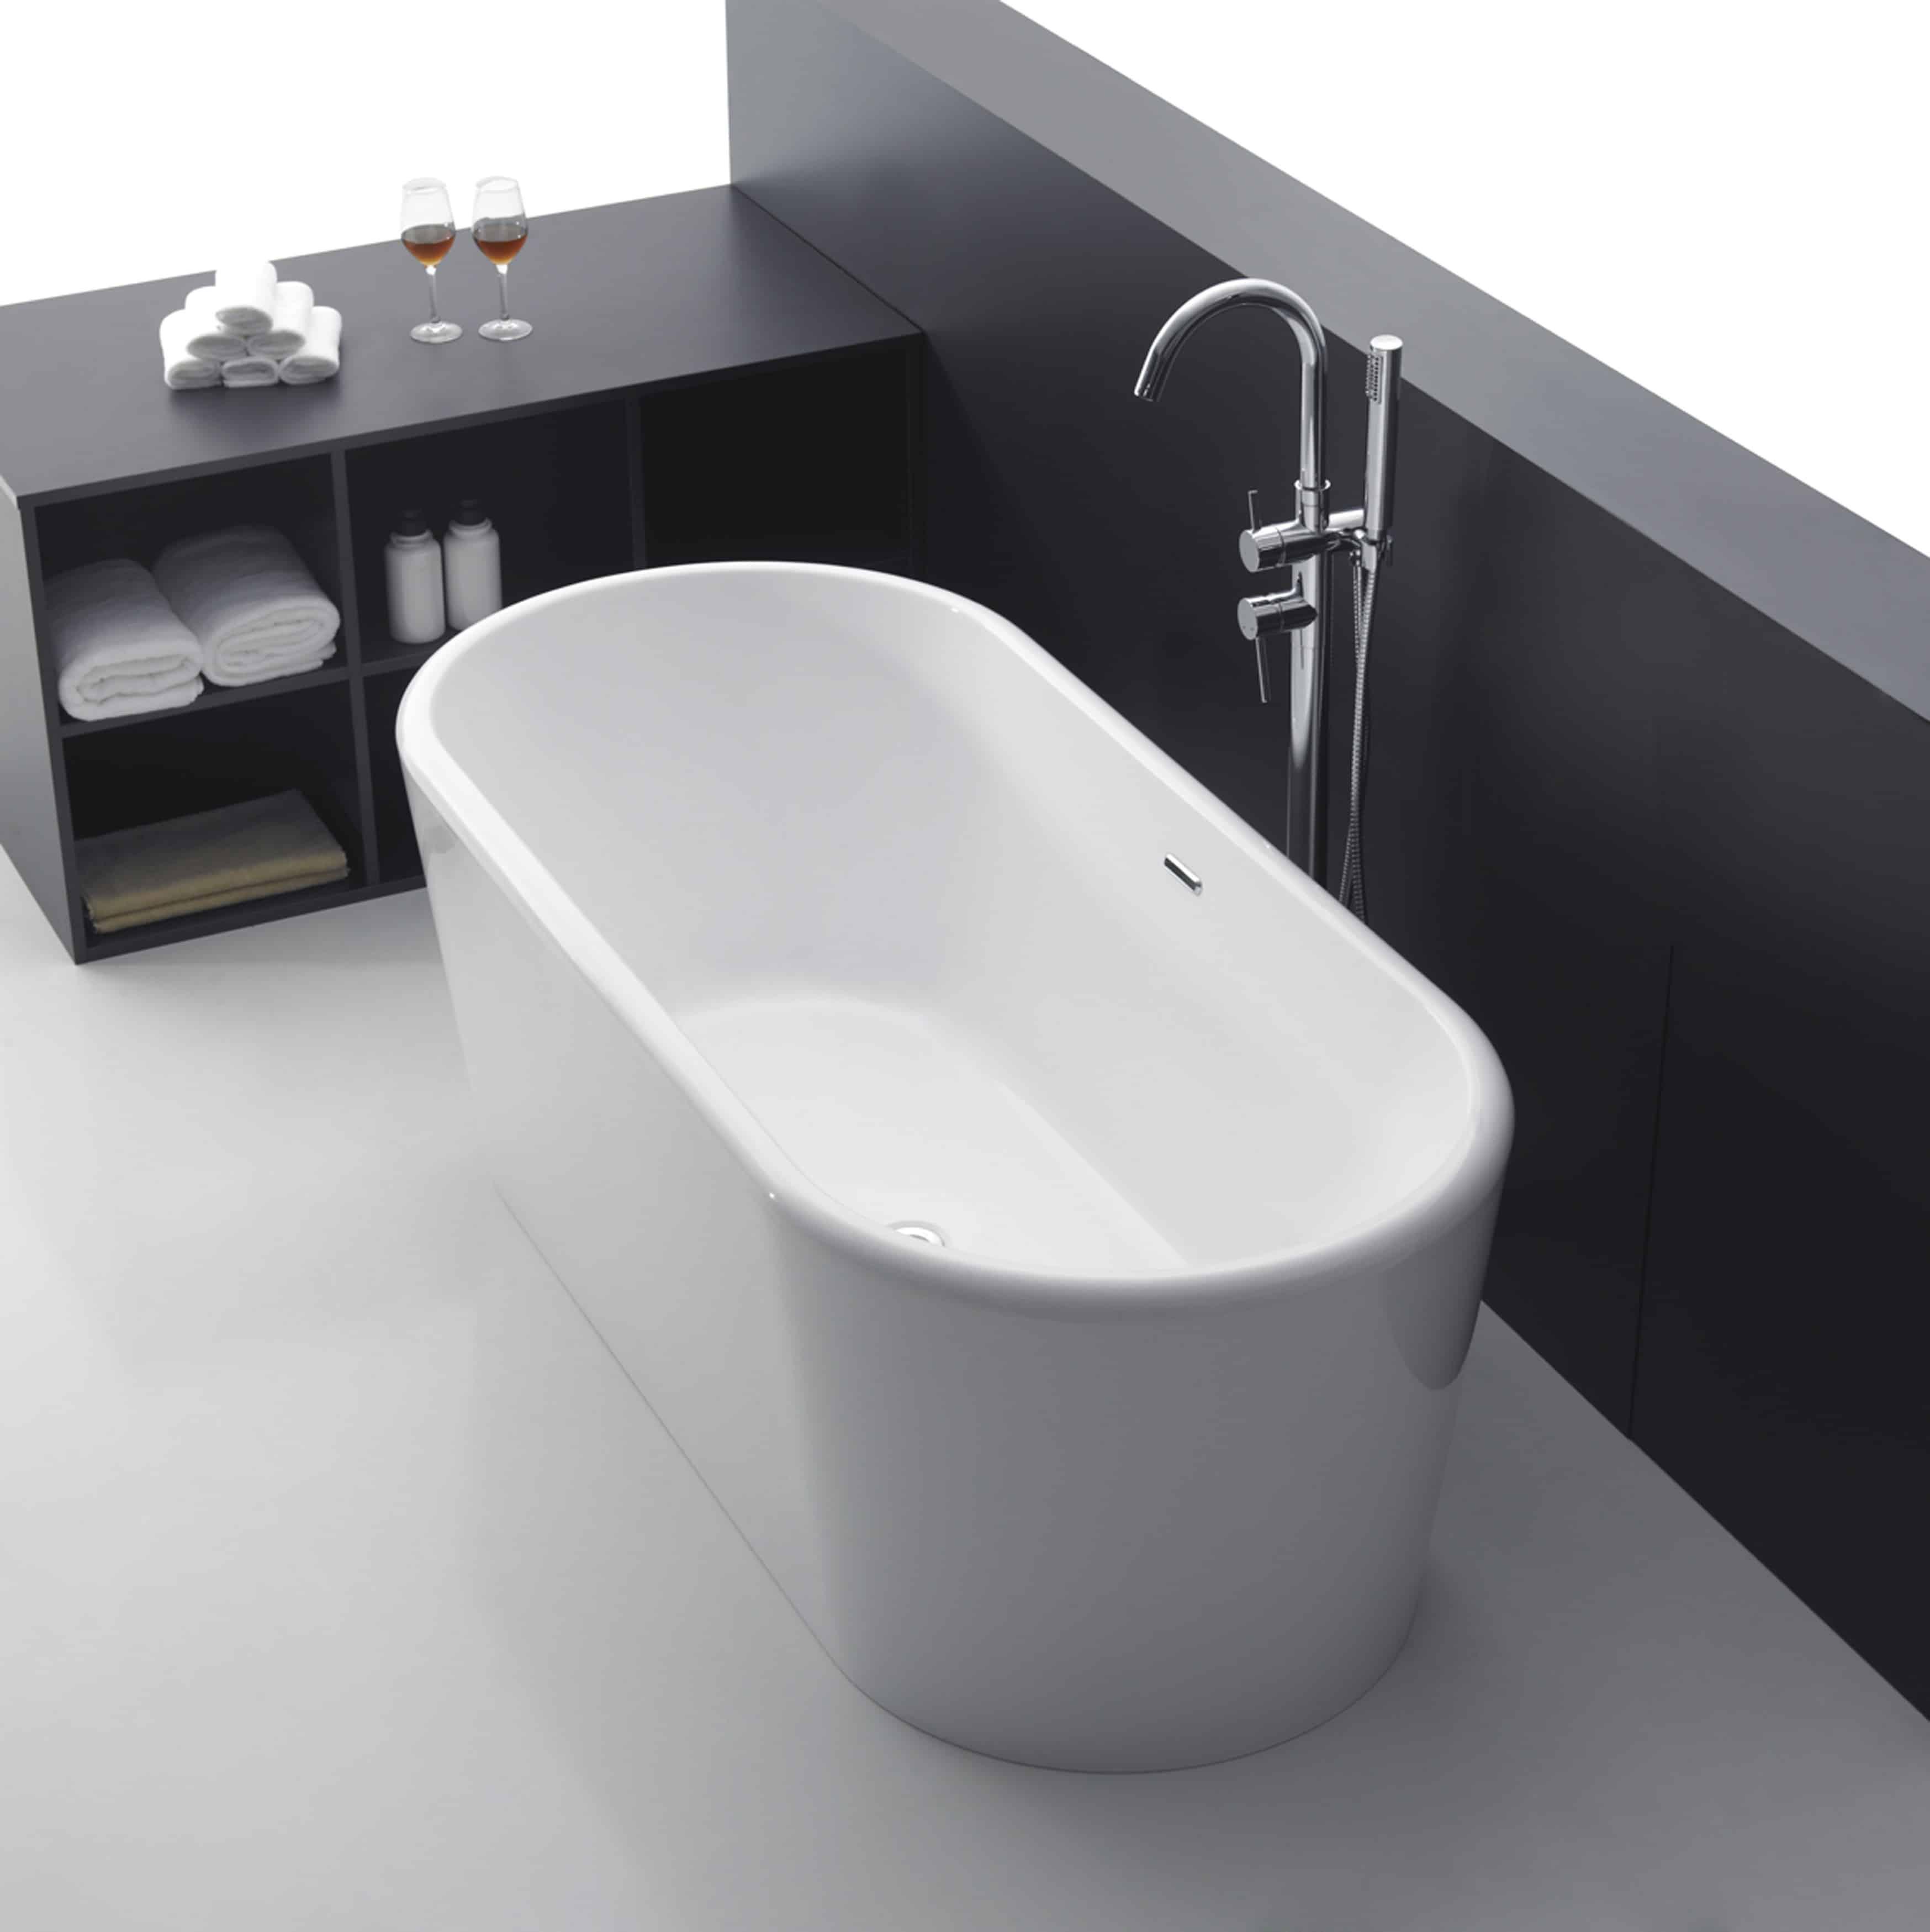 Apollo free standing bath